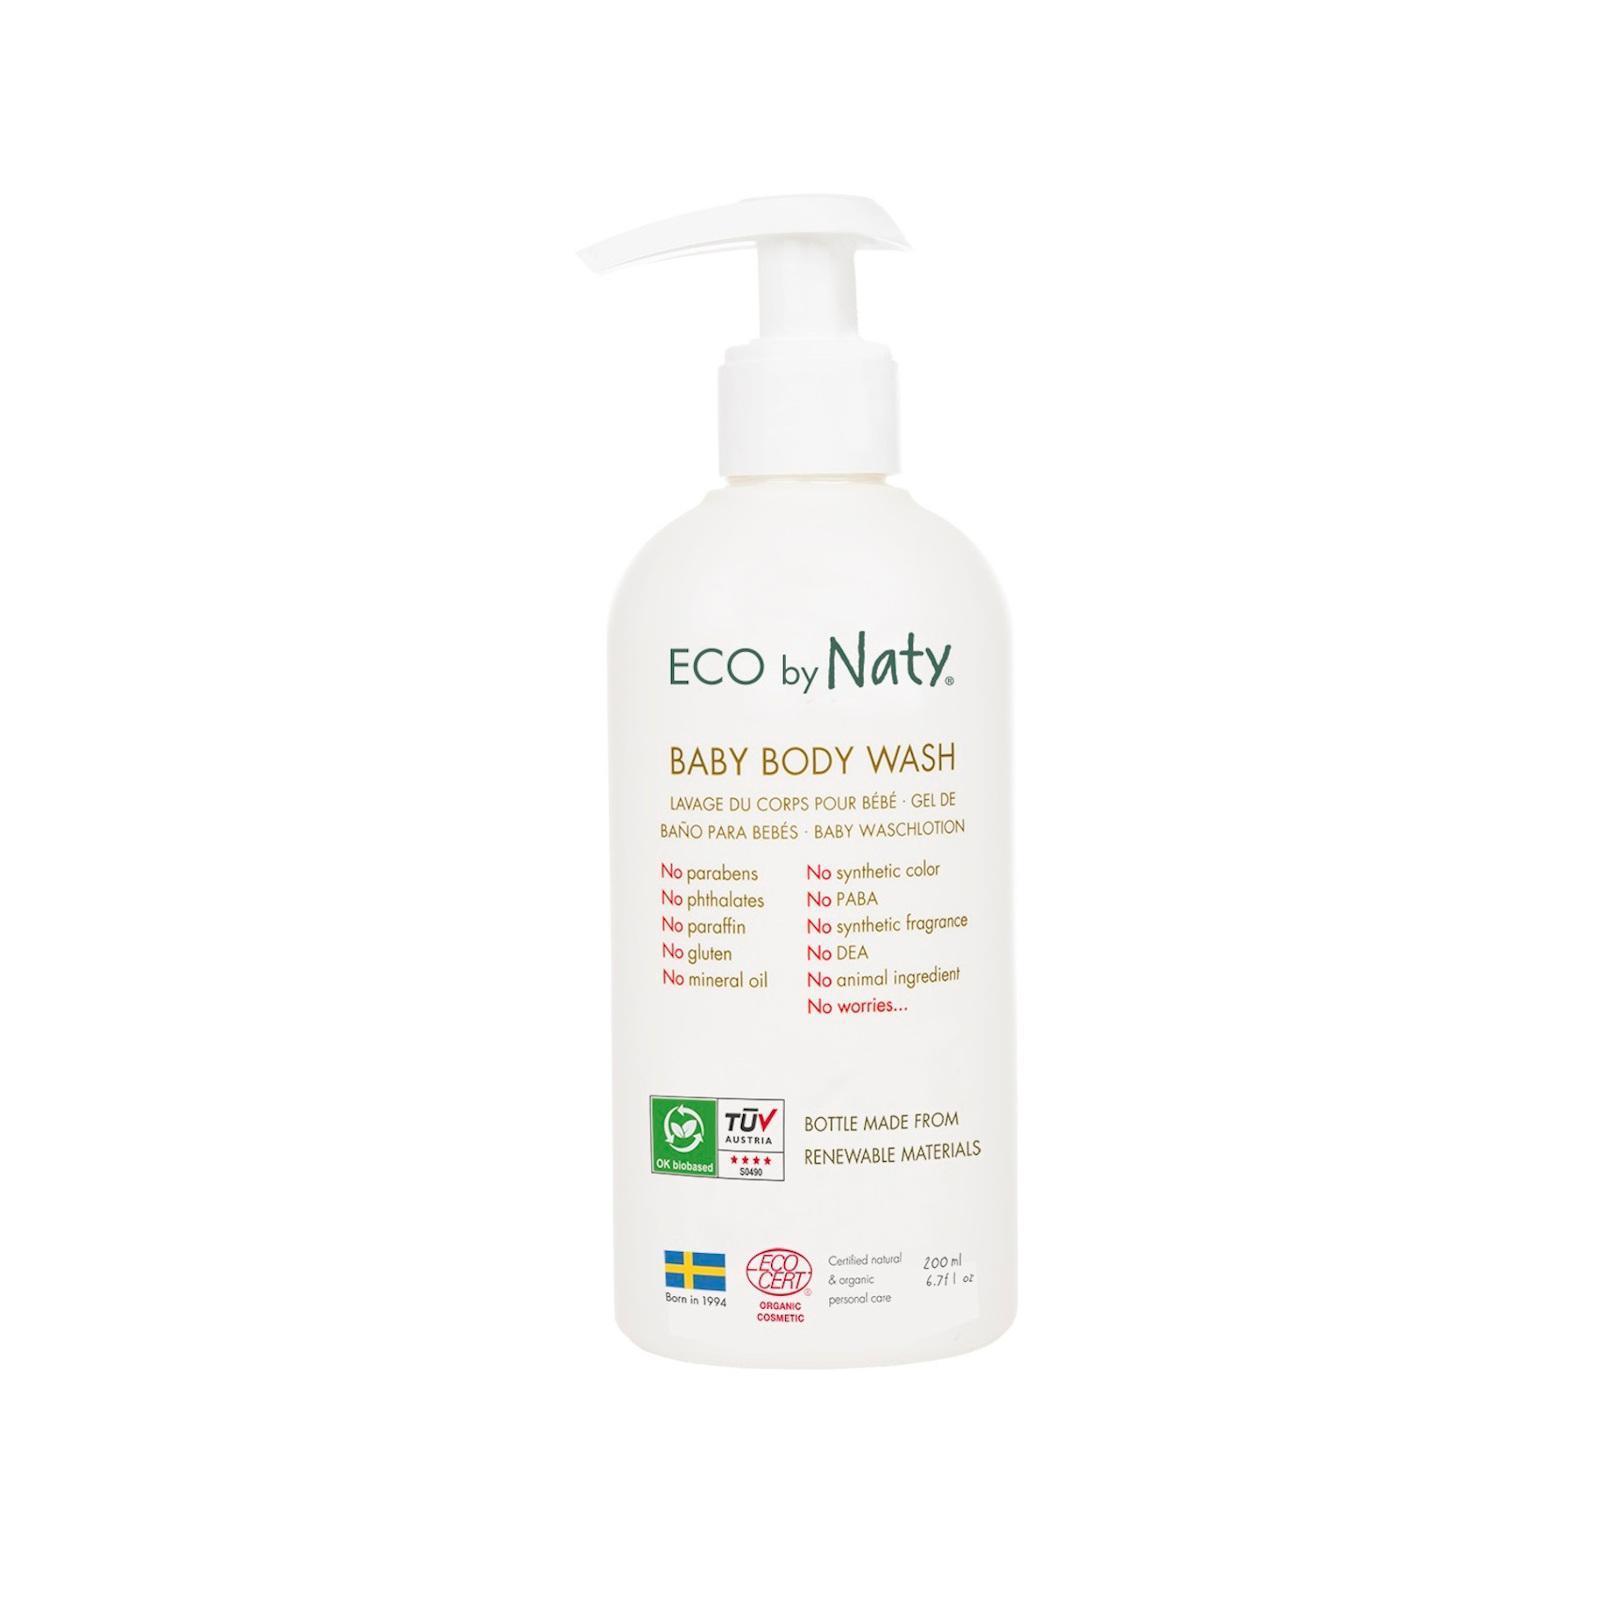 Eco by Naty Dětské tělové mýdlo, Poškozeno 200 ml